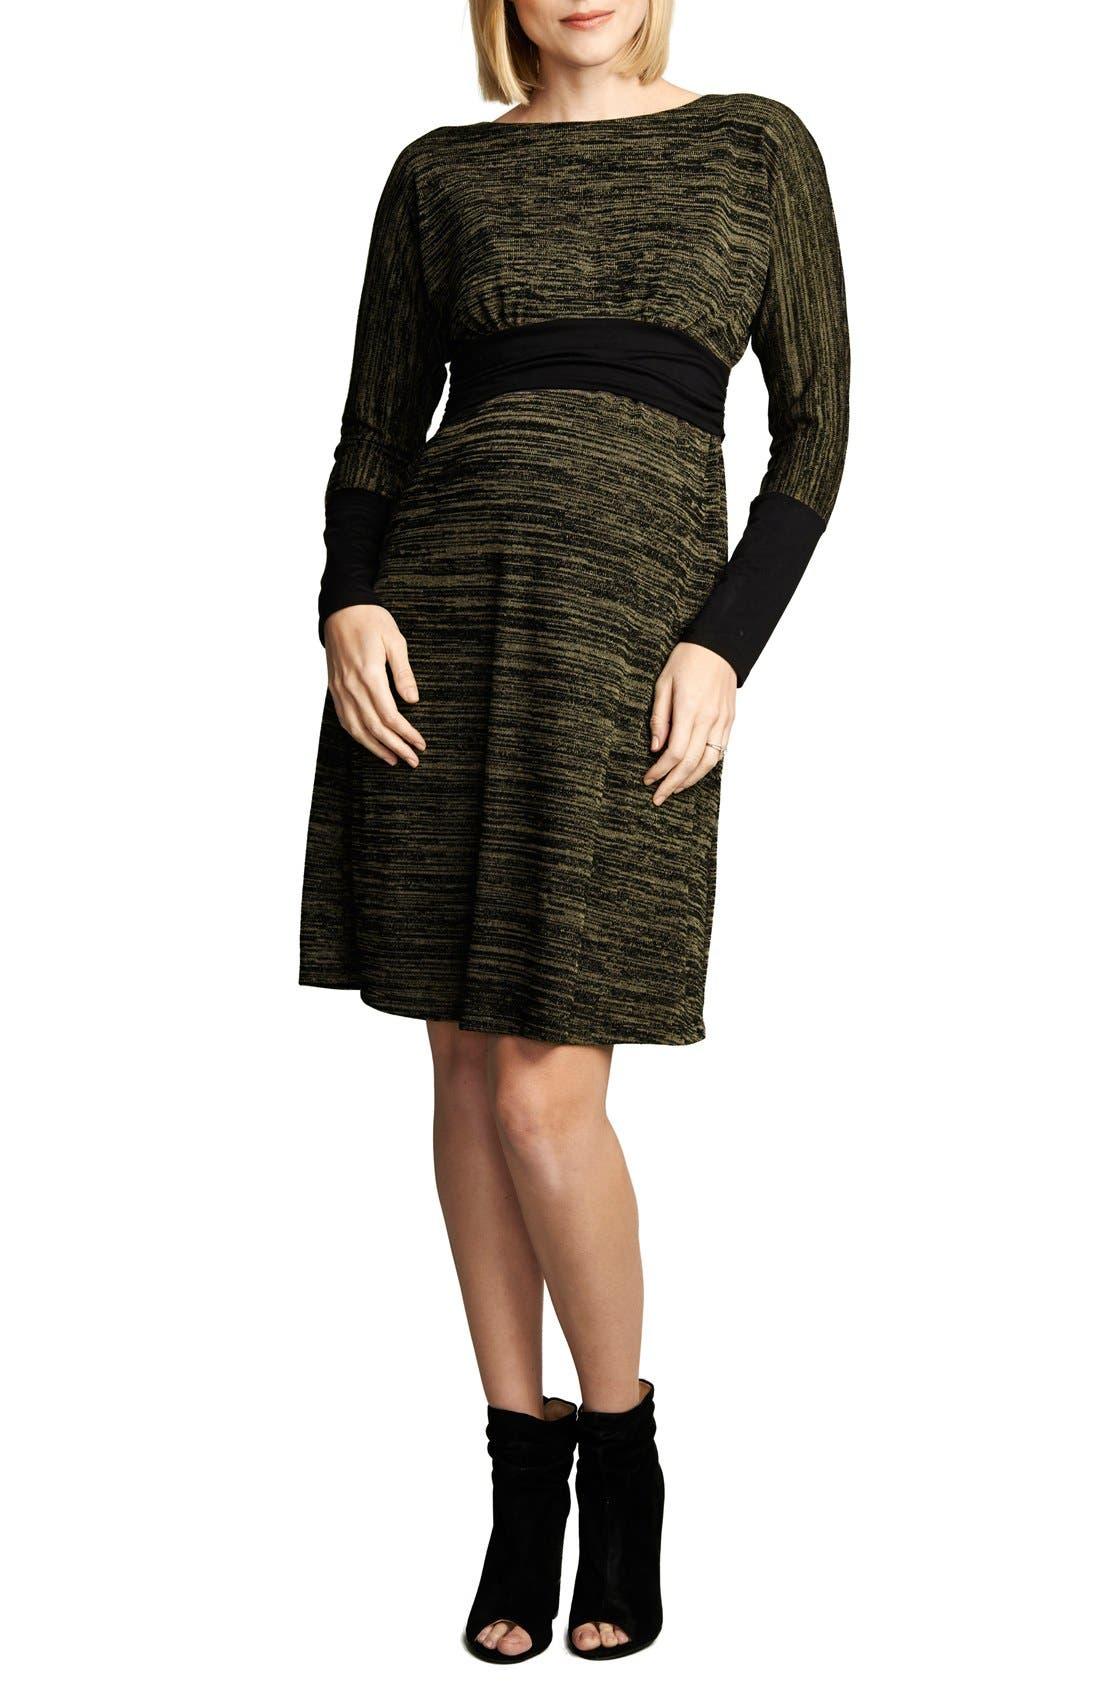 Maternal America Empire WaistNursing Dress